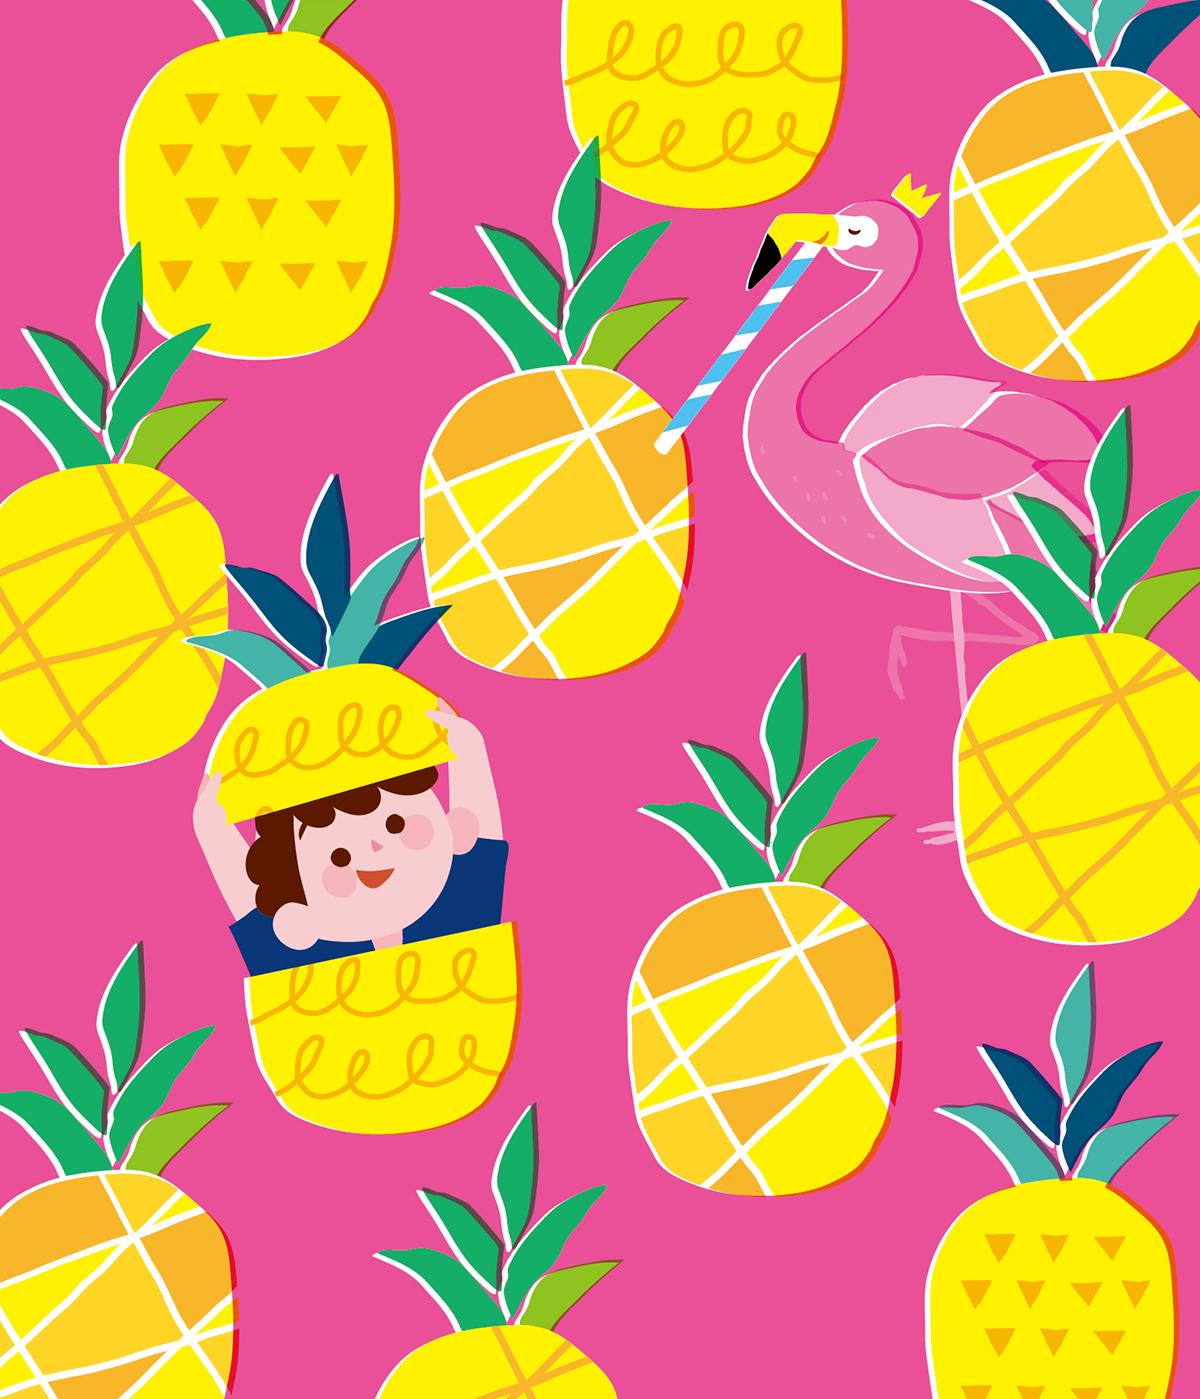 フラミンゴとパイナップル でかくれんぼしている男の子